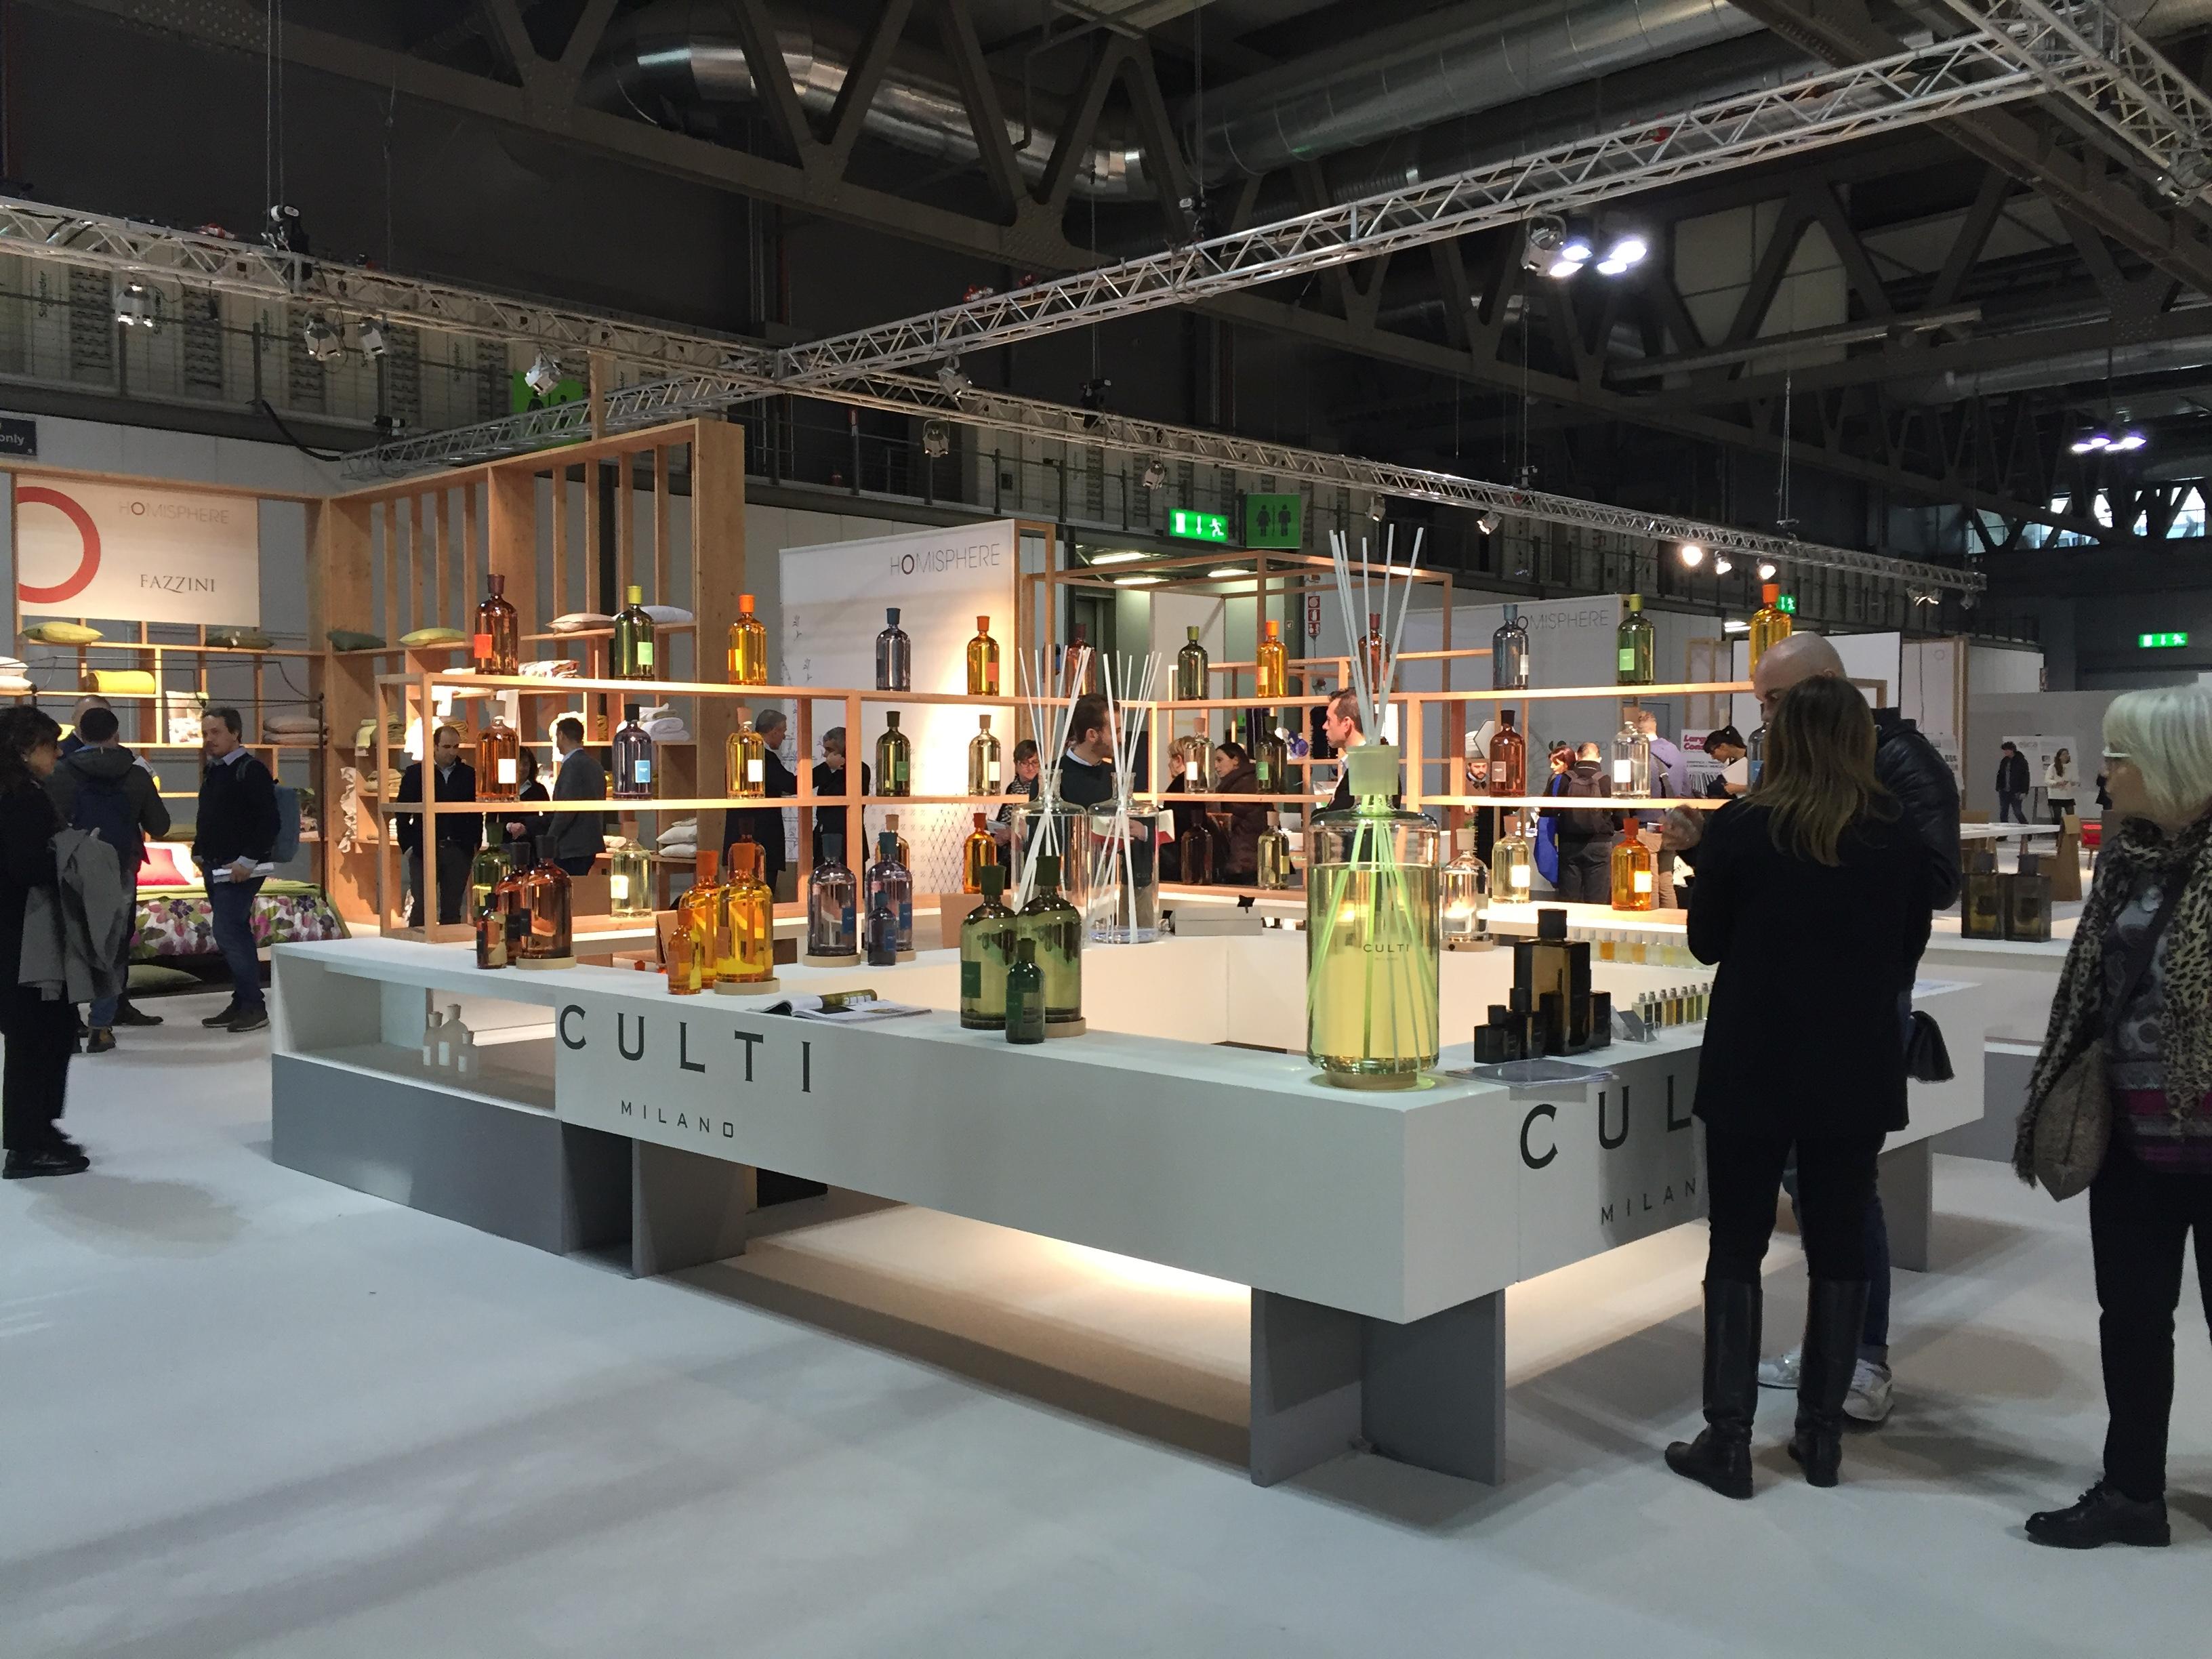 義大利米蘭HOMI國際流行飾品,禮品,珠寶,鐘錶,文具及家用品展商情